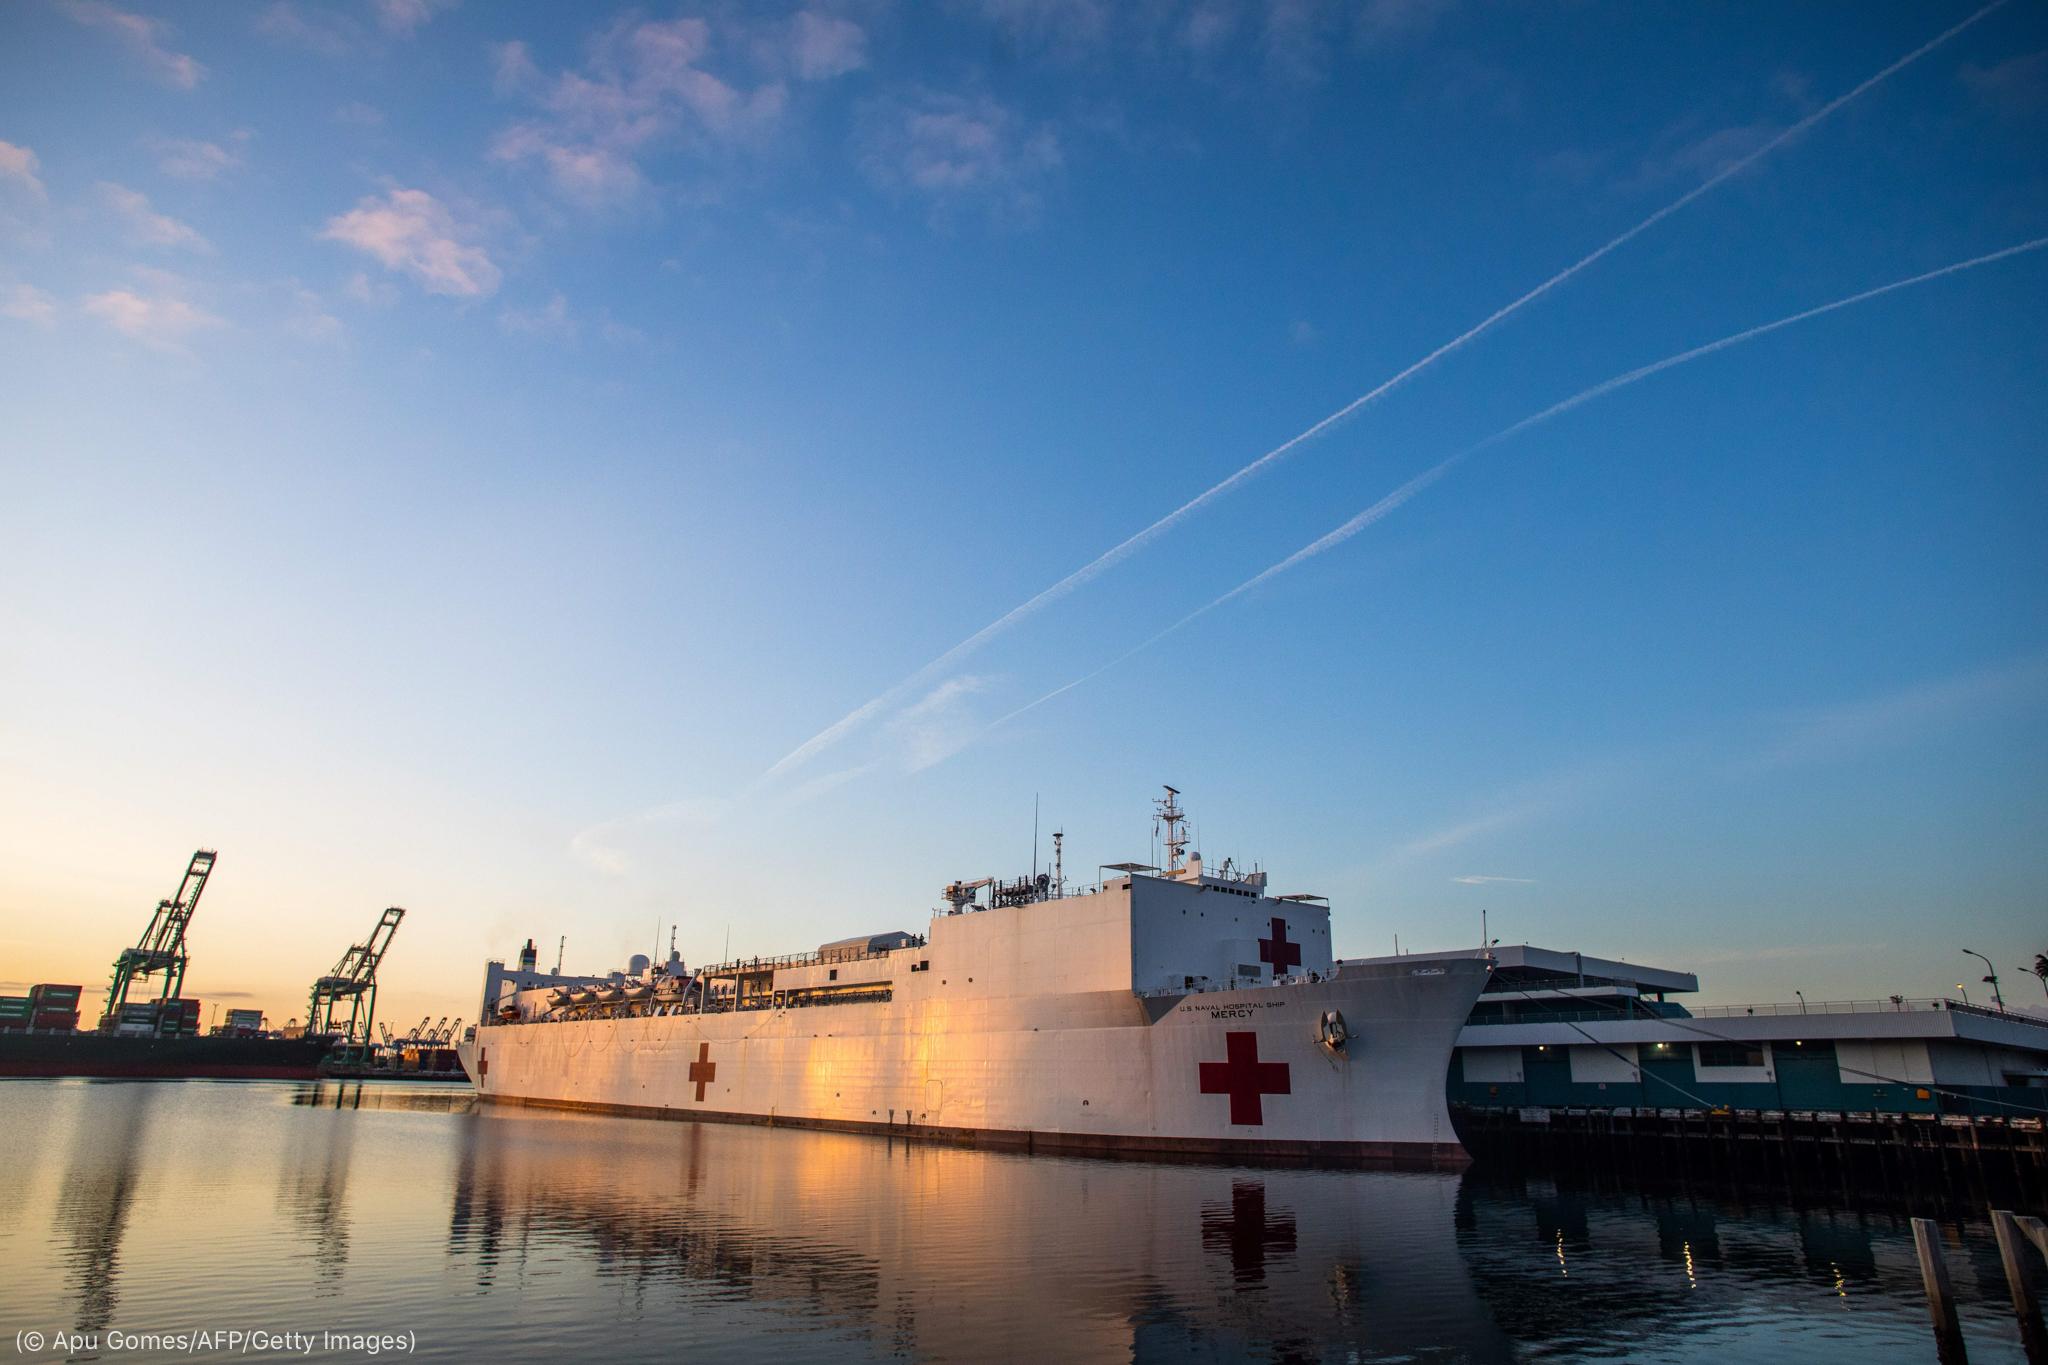 سورج طلوع ہونے کے وقت بندرگاہ پر کھڑا ایک جہاز۔ (© APU GOMES/AFP/Getty Images)